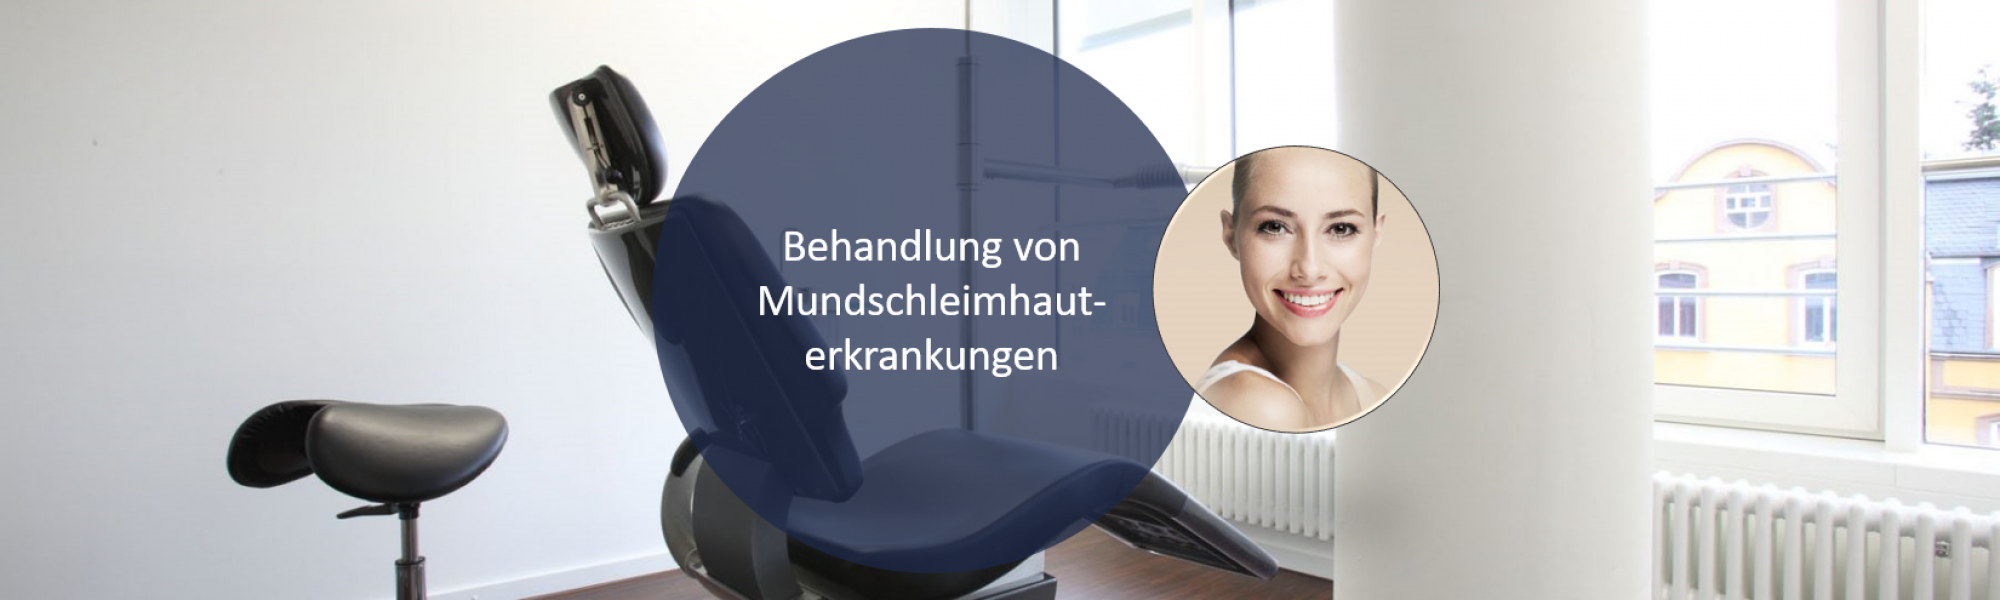 Behandlung von Mundschleimhauterkrankungen bei Groisman & Laube